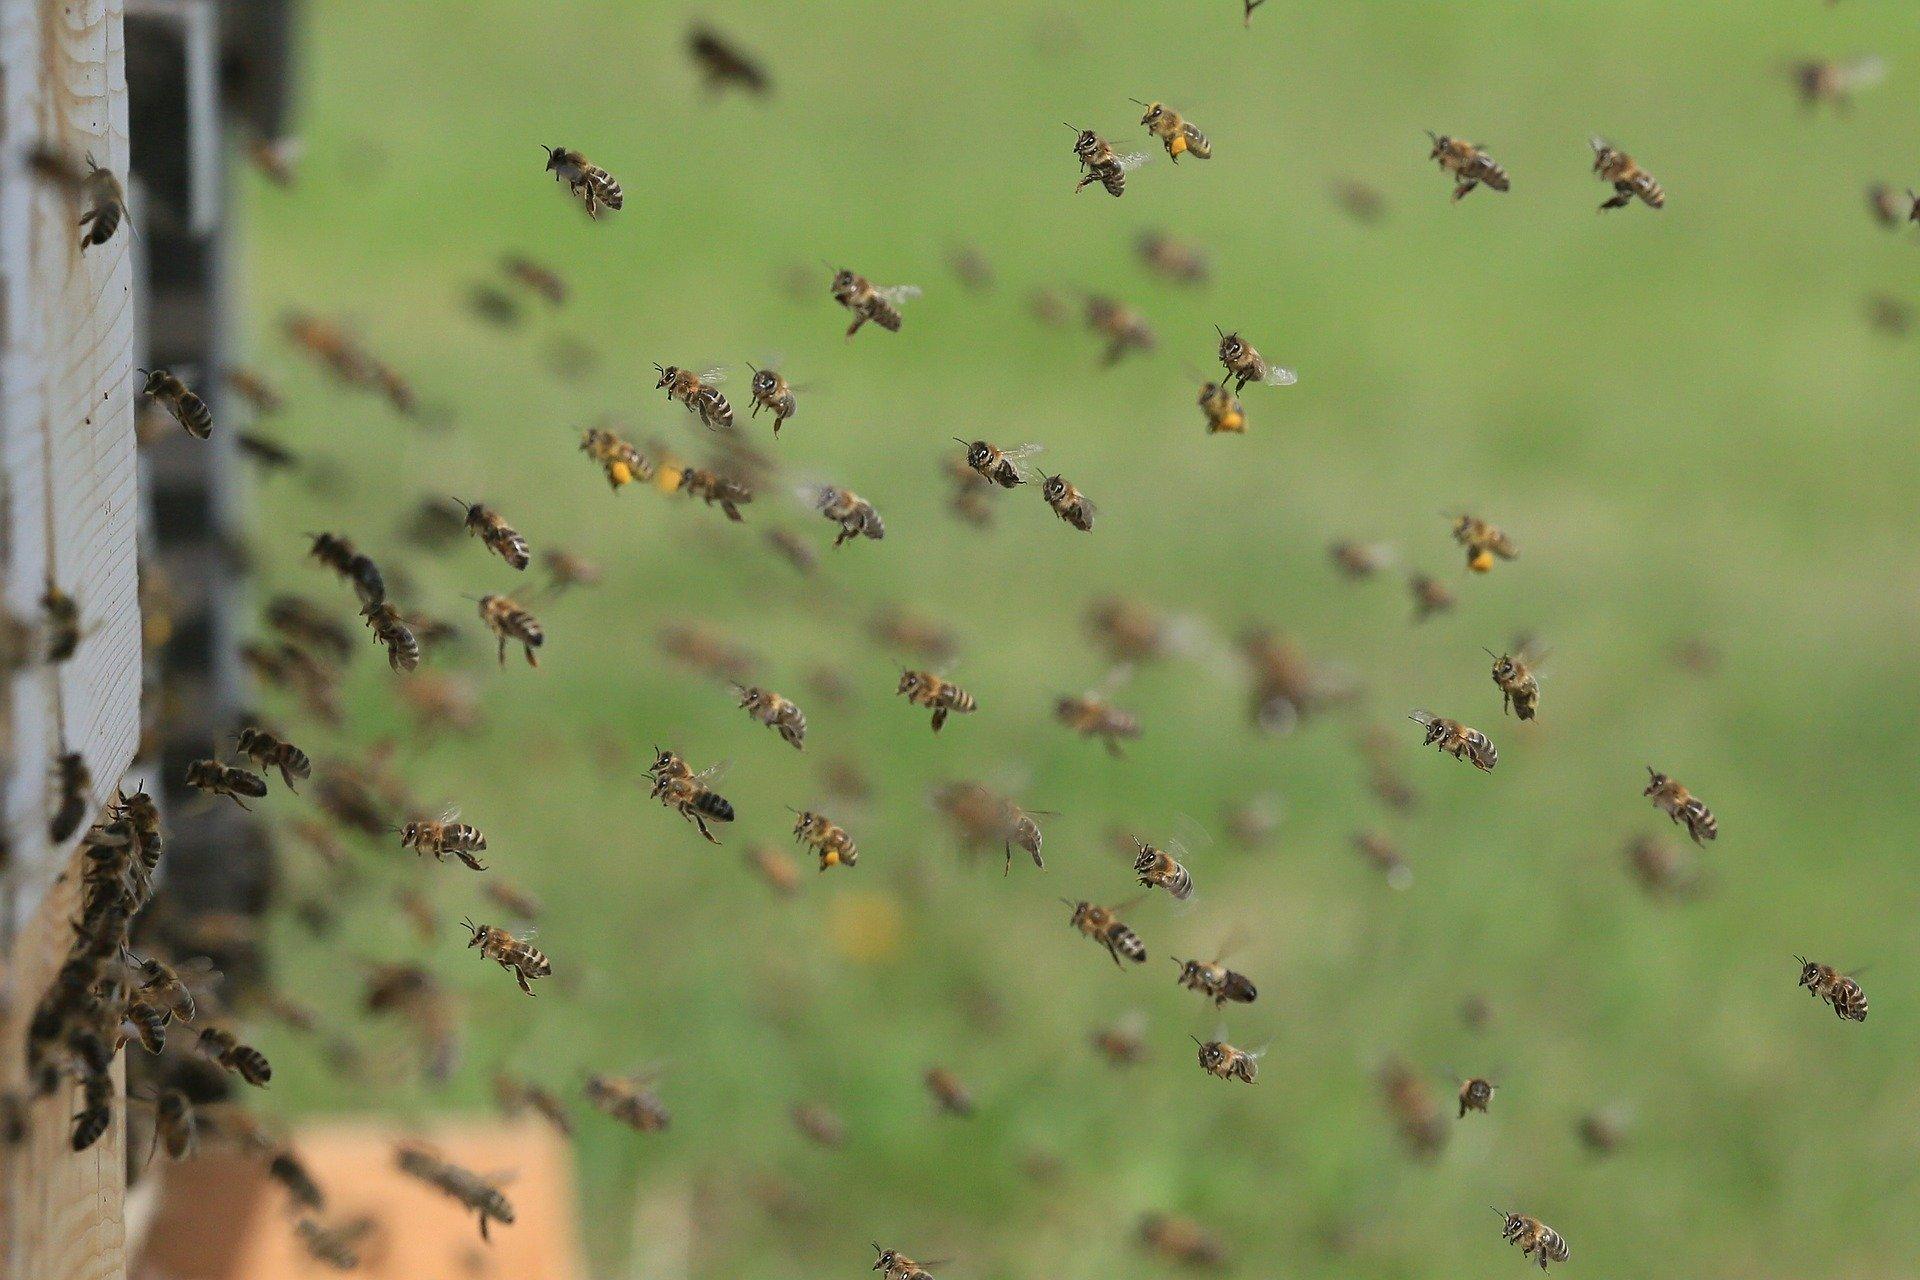 Englischsprachige Bienen YouTuber Bild